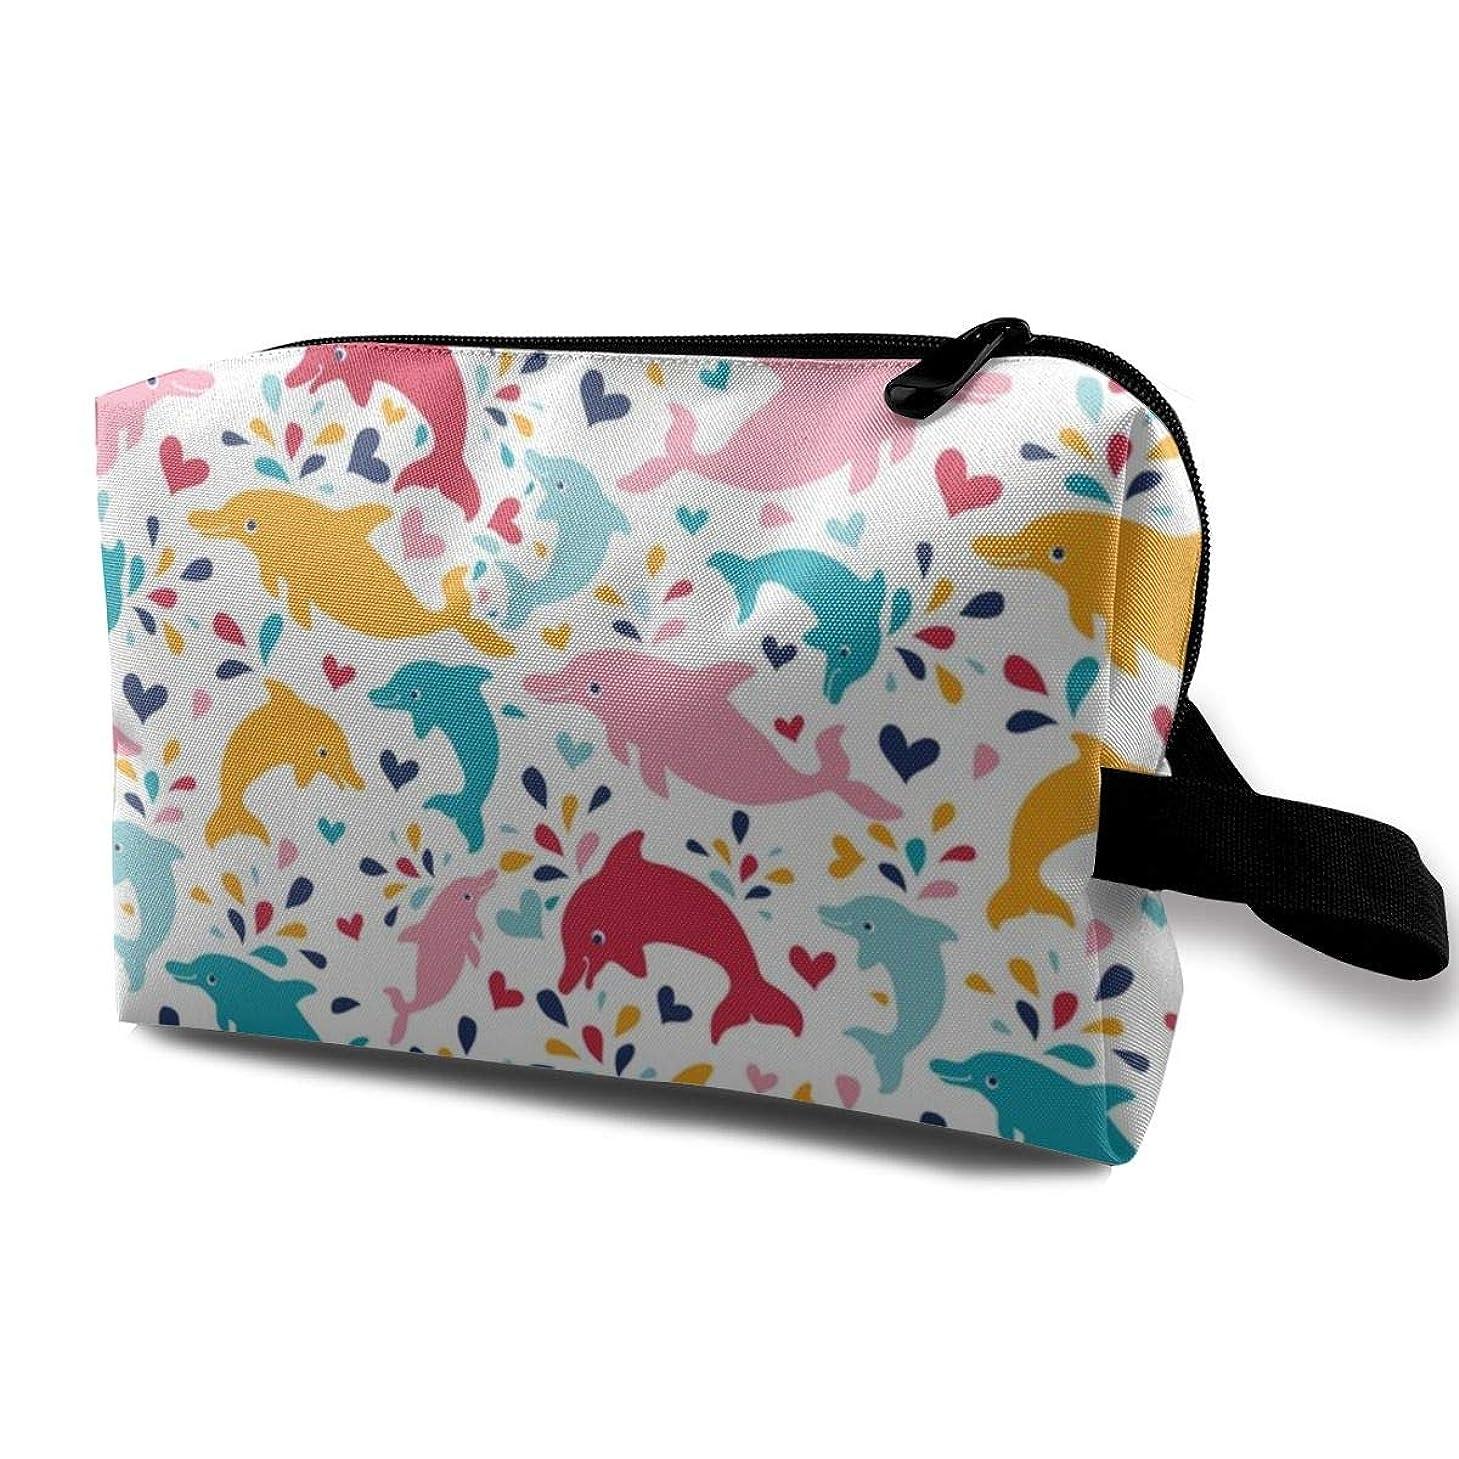 切り離すこの霧化粧ポーチ コンパクトサイズ,Pink_3919のオックスフォードの布の多彩な袋の小型旅行のカルトゥスのピンクのステッチ